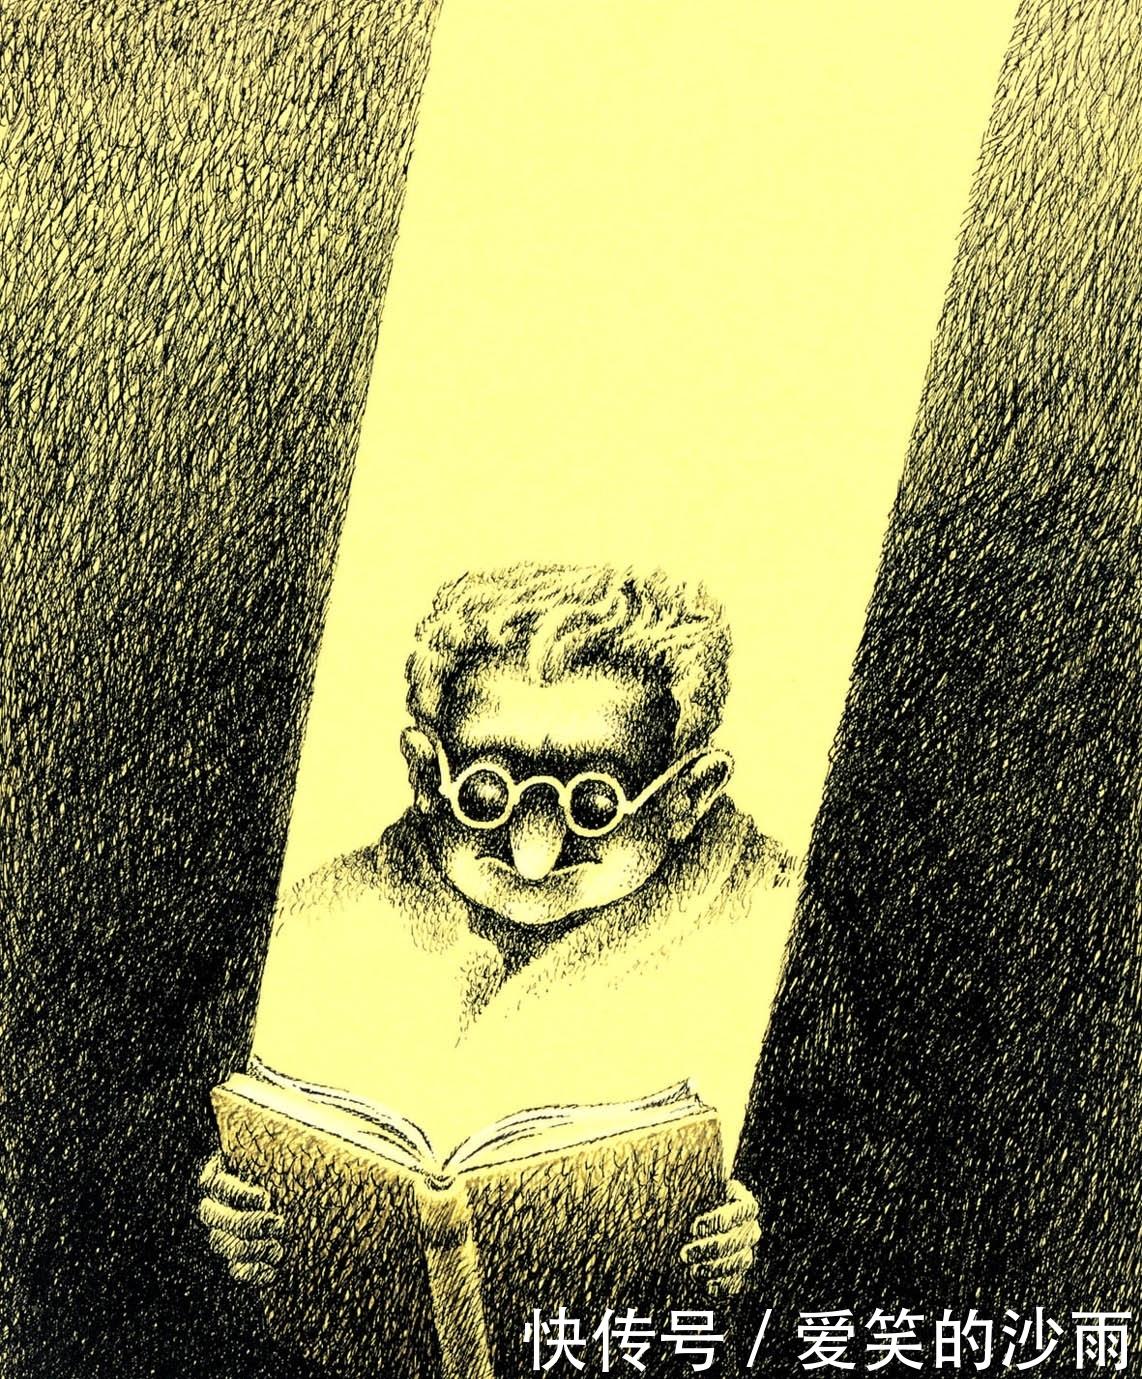 漫书虫 木偶漫画欣赏--意趣世界专题漫画群图片